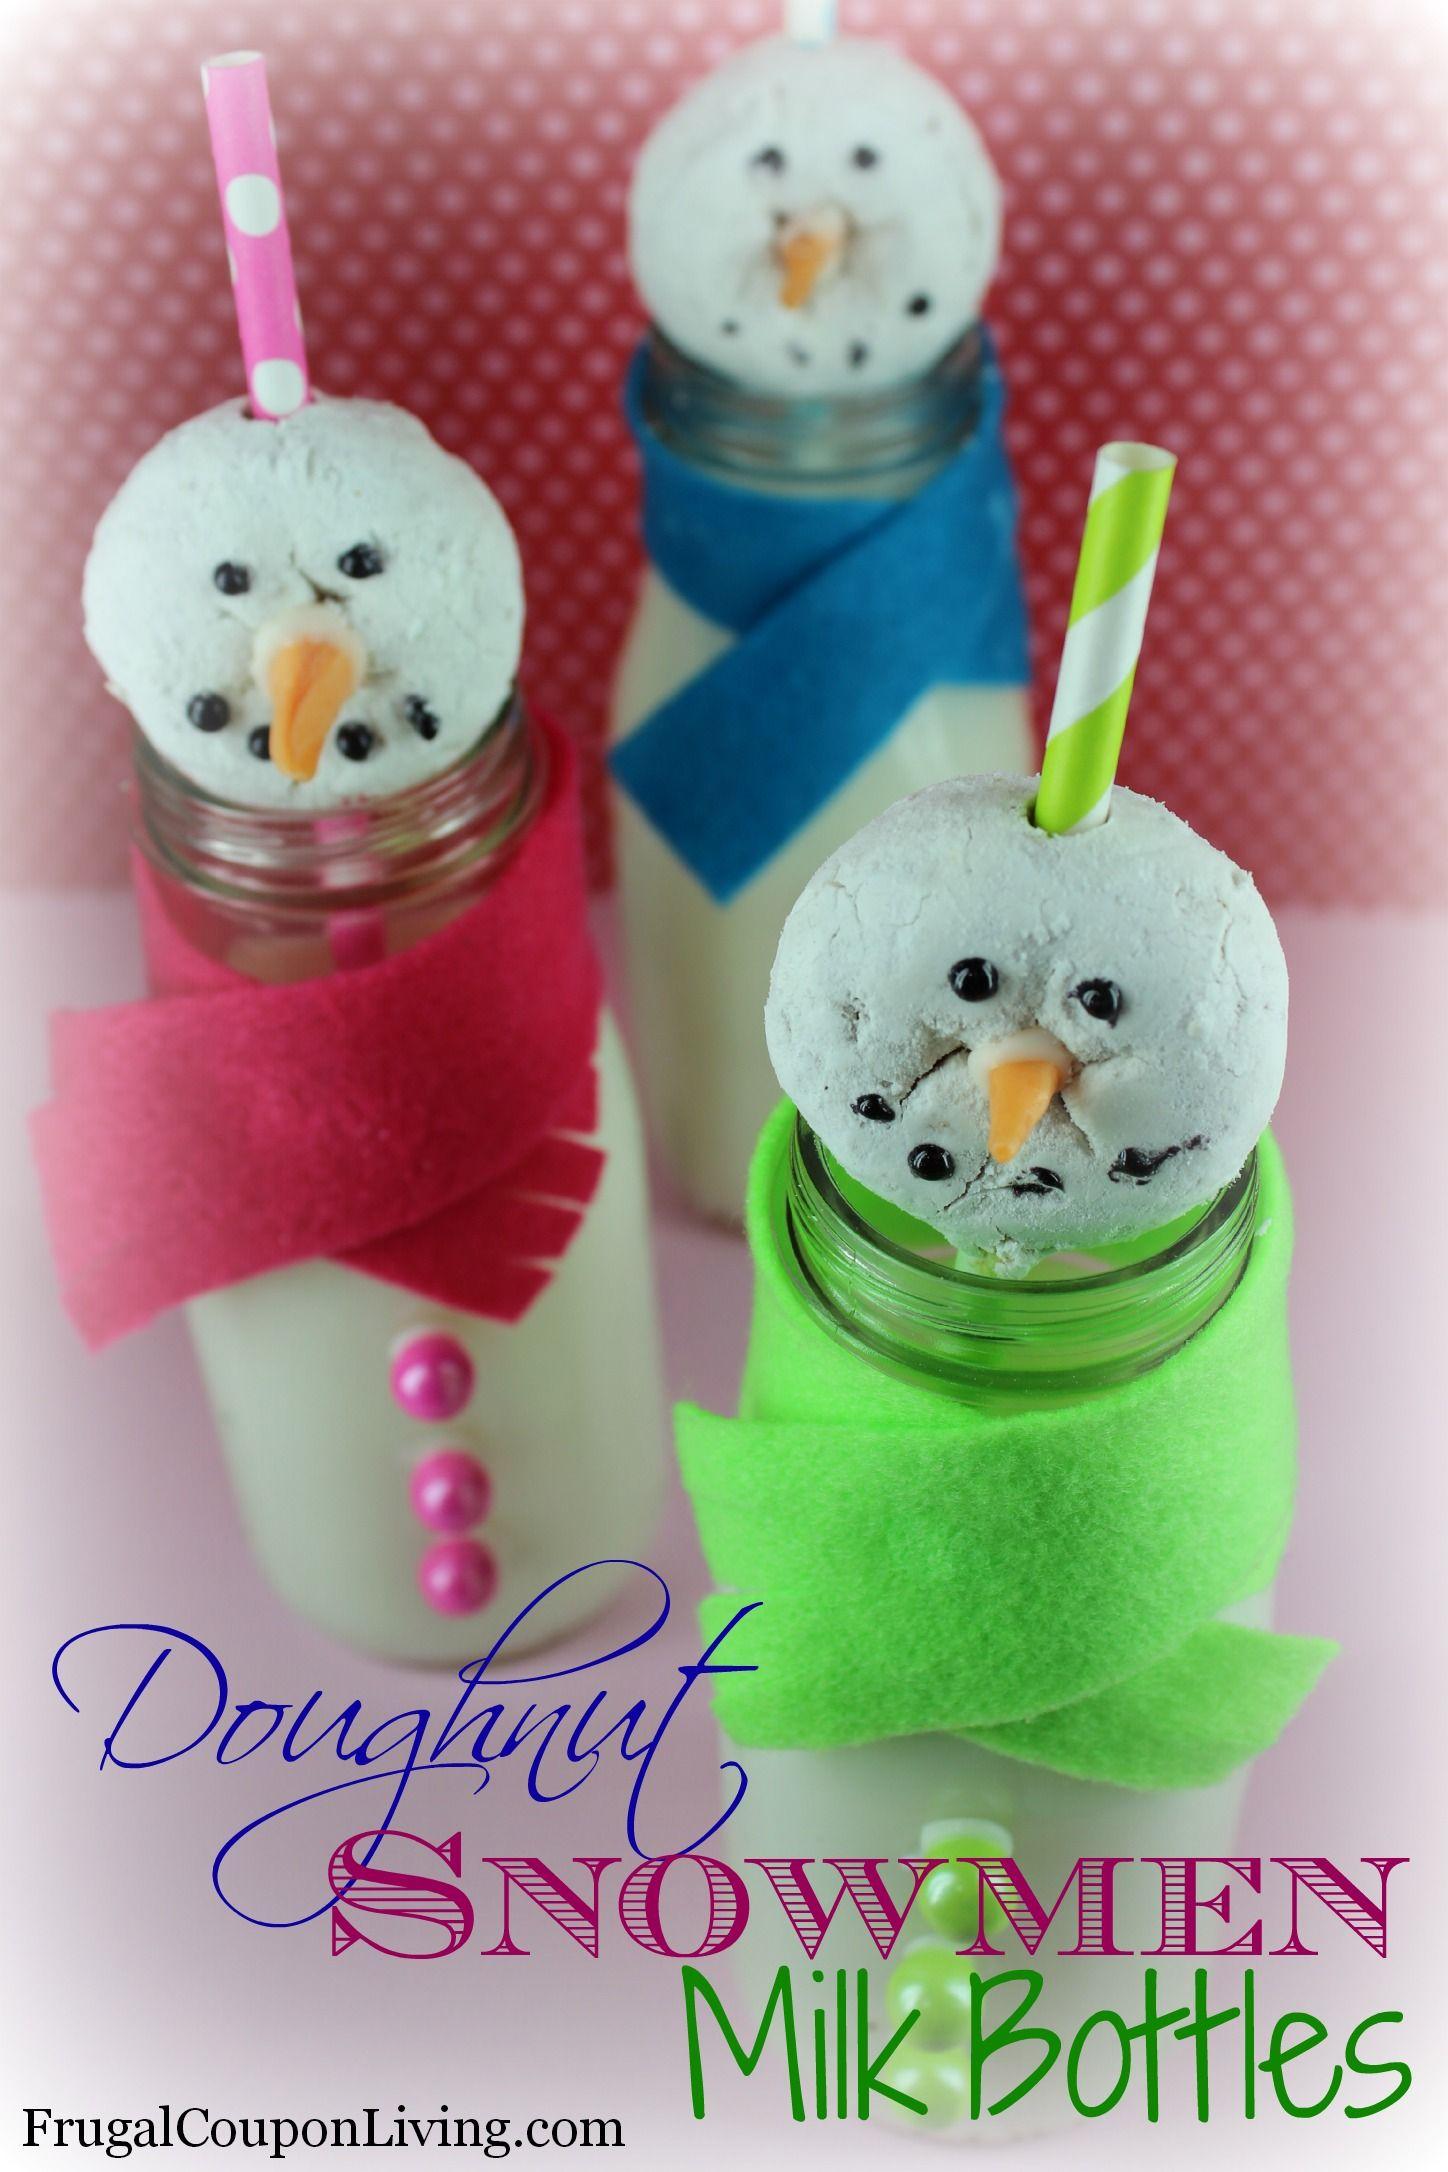 Frugal Coupon Living Doughnut Snowmen Milk Bottles  Do It